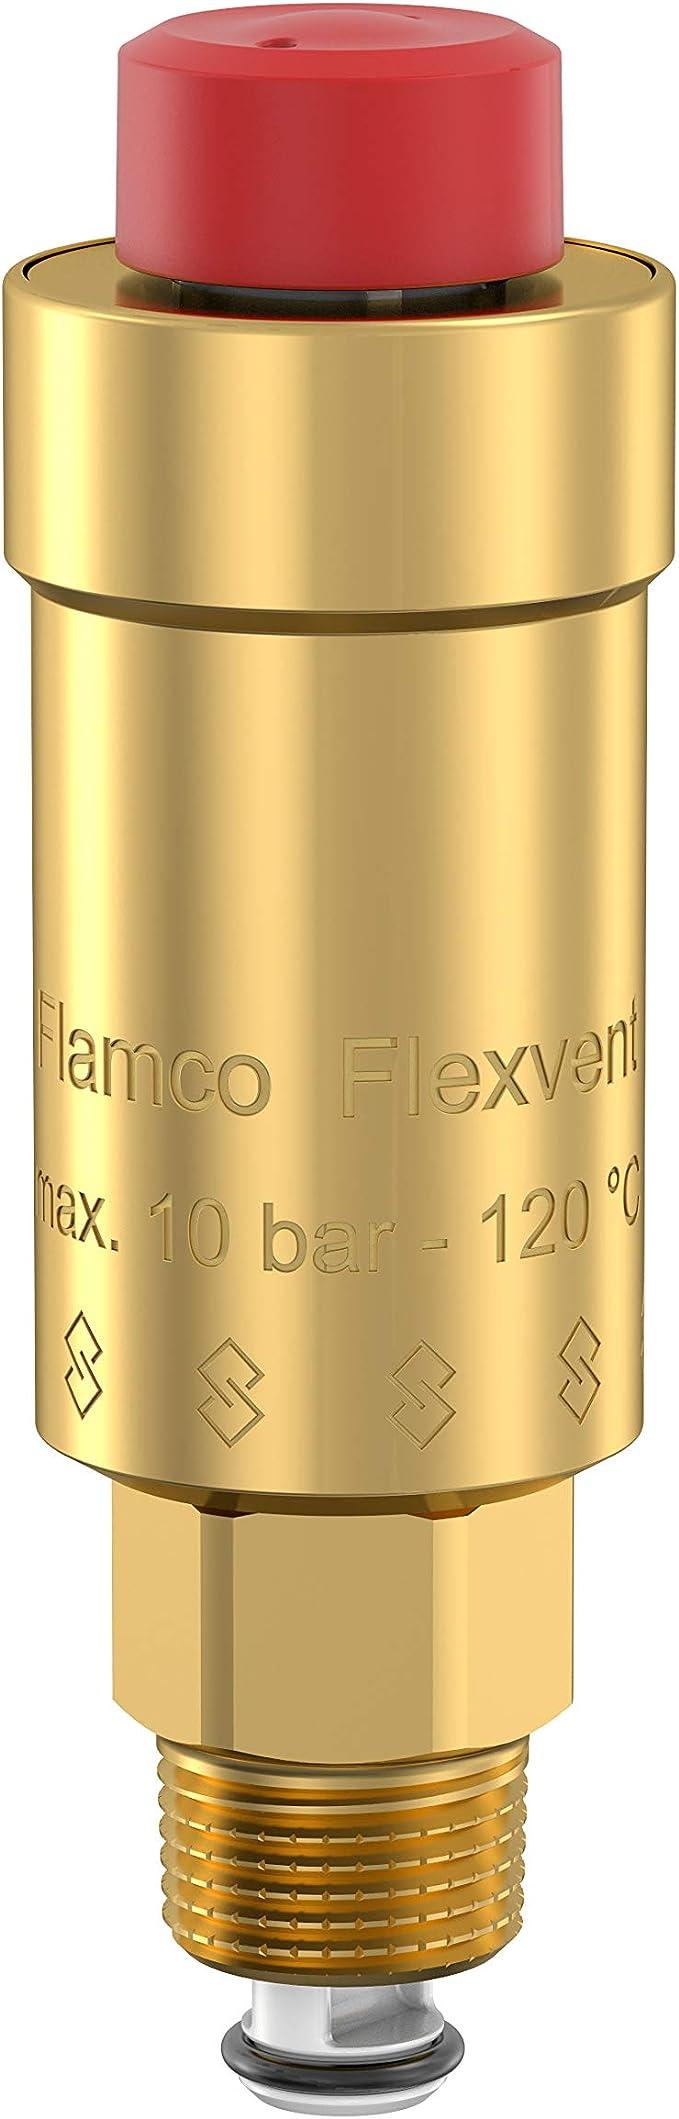 Flamco Flexvent automatischer Schwimmer Entlüfter Top Solar gerade winklig weiß